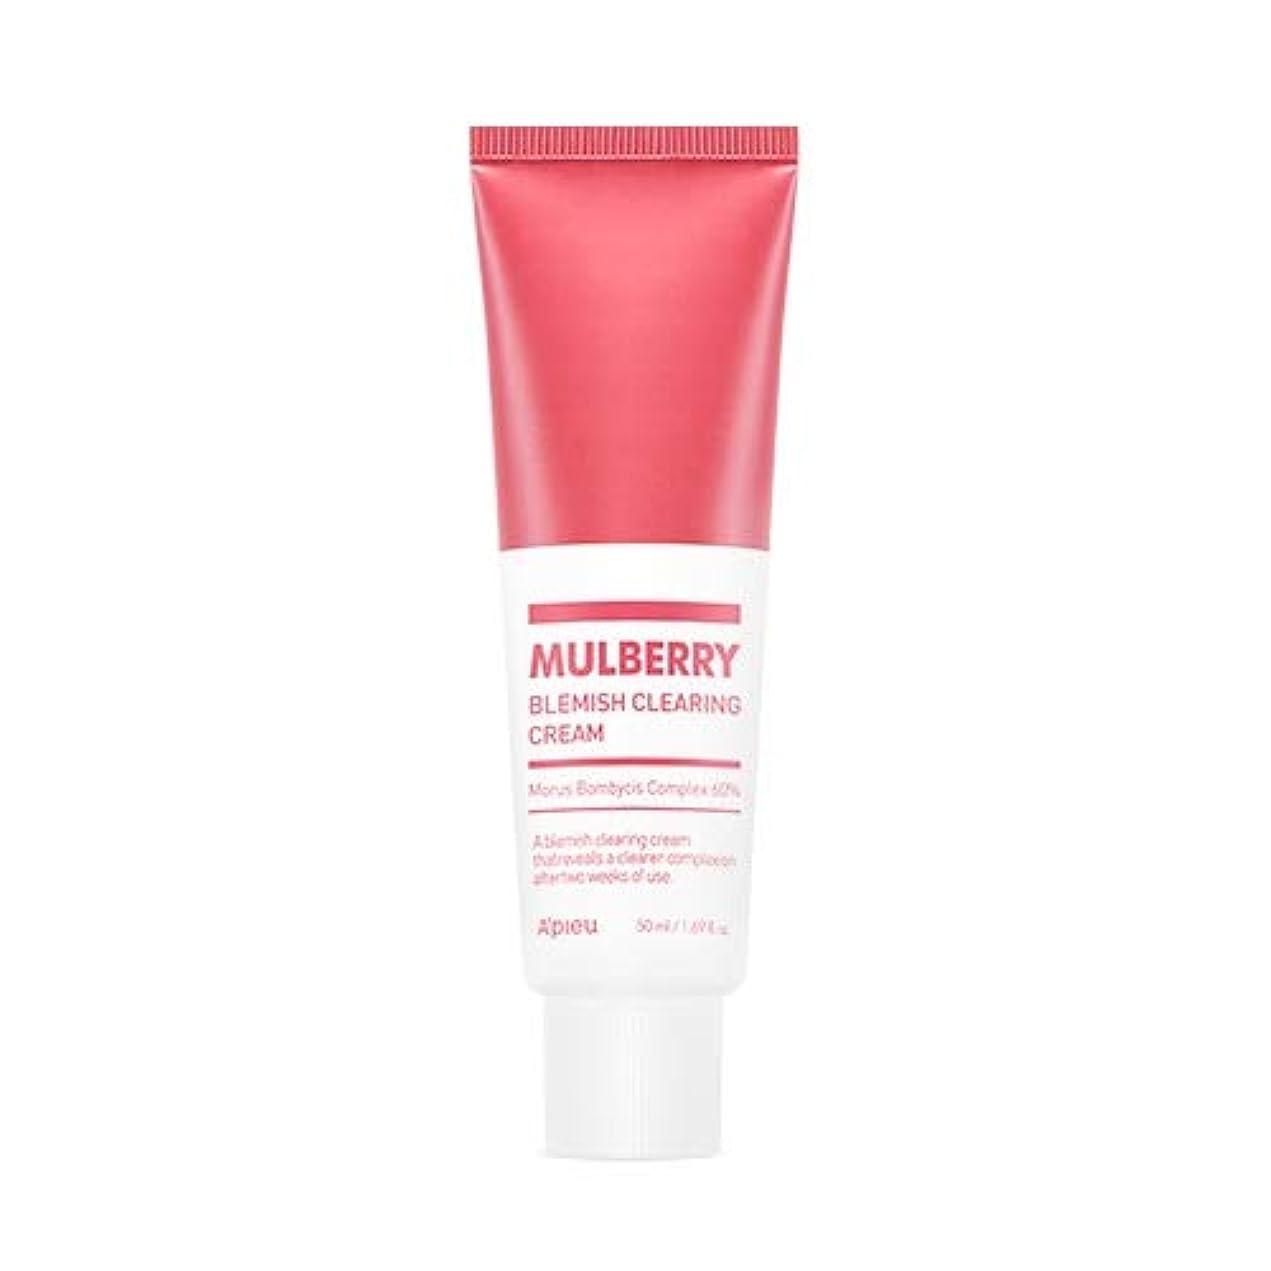 任意学習クライストチャーチアピュ マルベリー ブラミッシュ クリアリング クリーム 50ml / APIEU Mulberry Blemish Clearing Cream 50ml [並行輸入品]